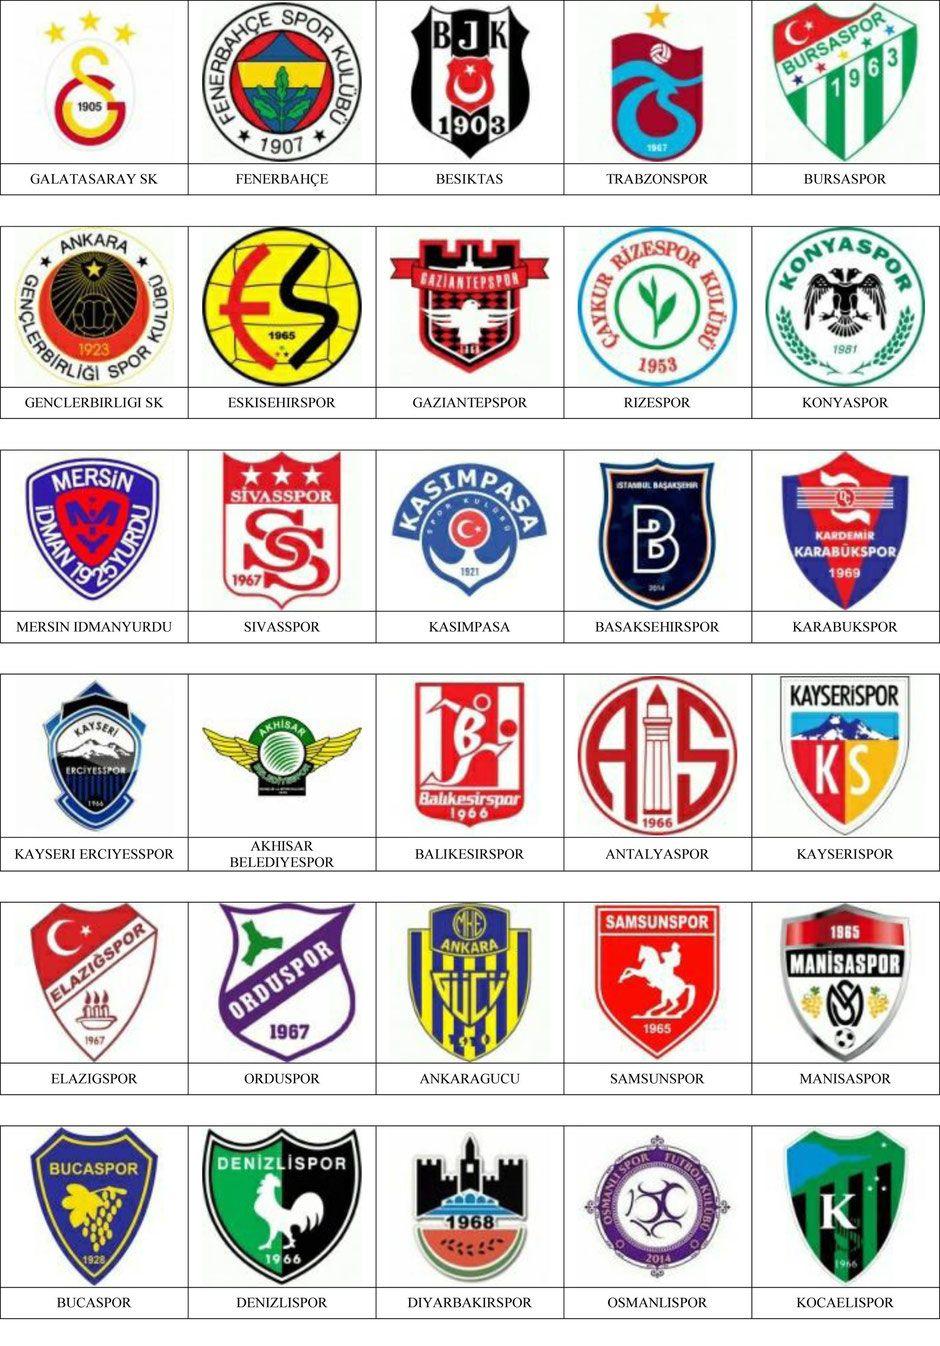 Liga turquia